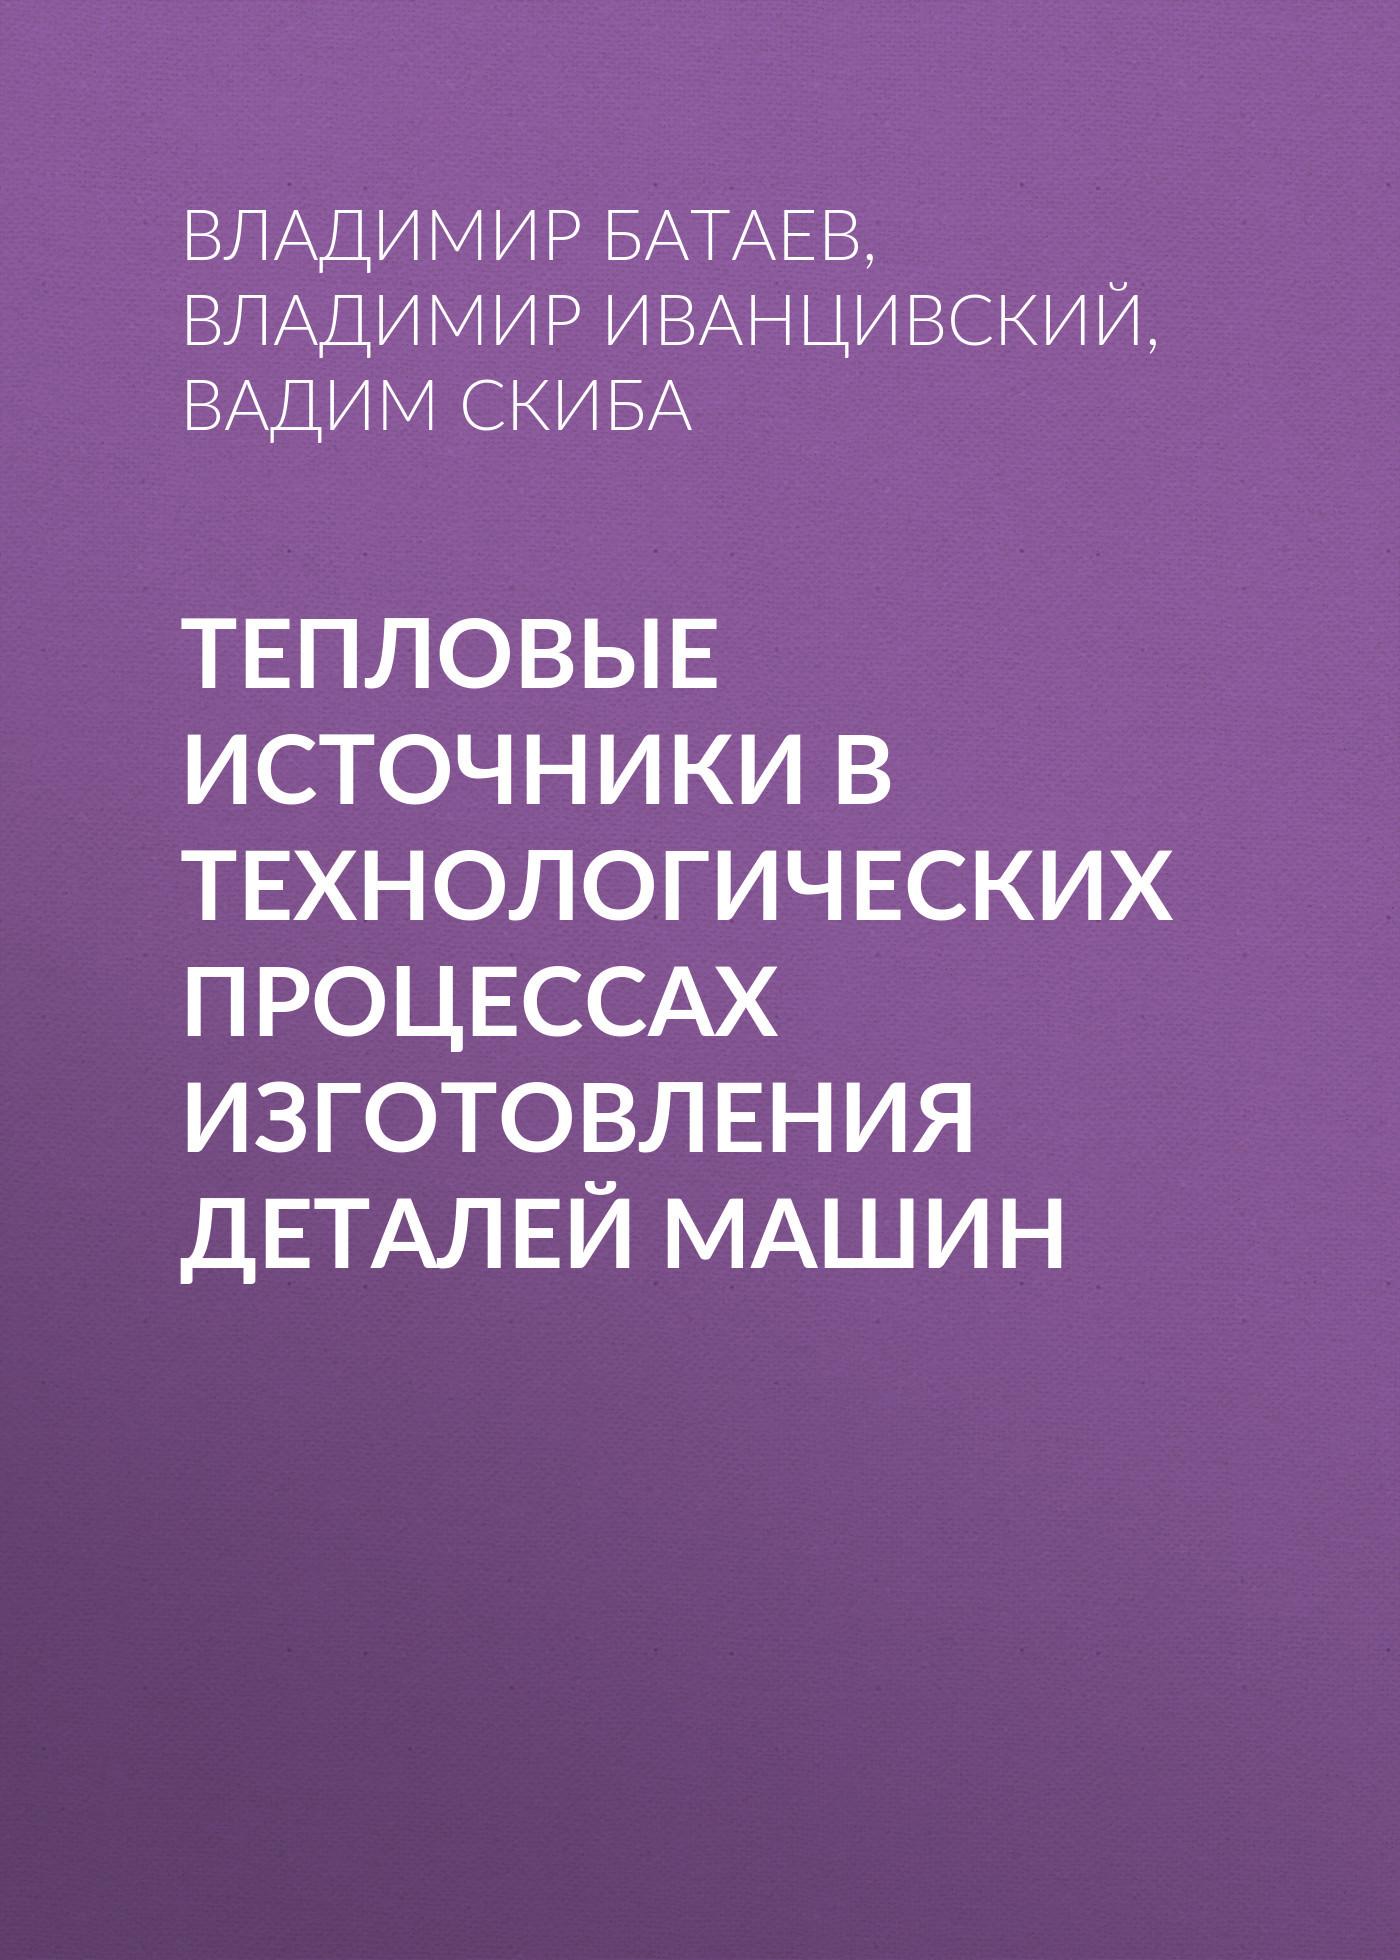 Владимир Батаев Тепловые источники в технологических процессах изготовления деталей машин